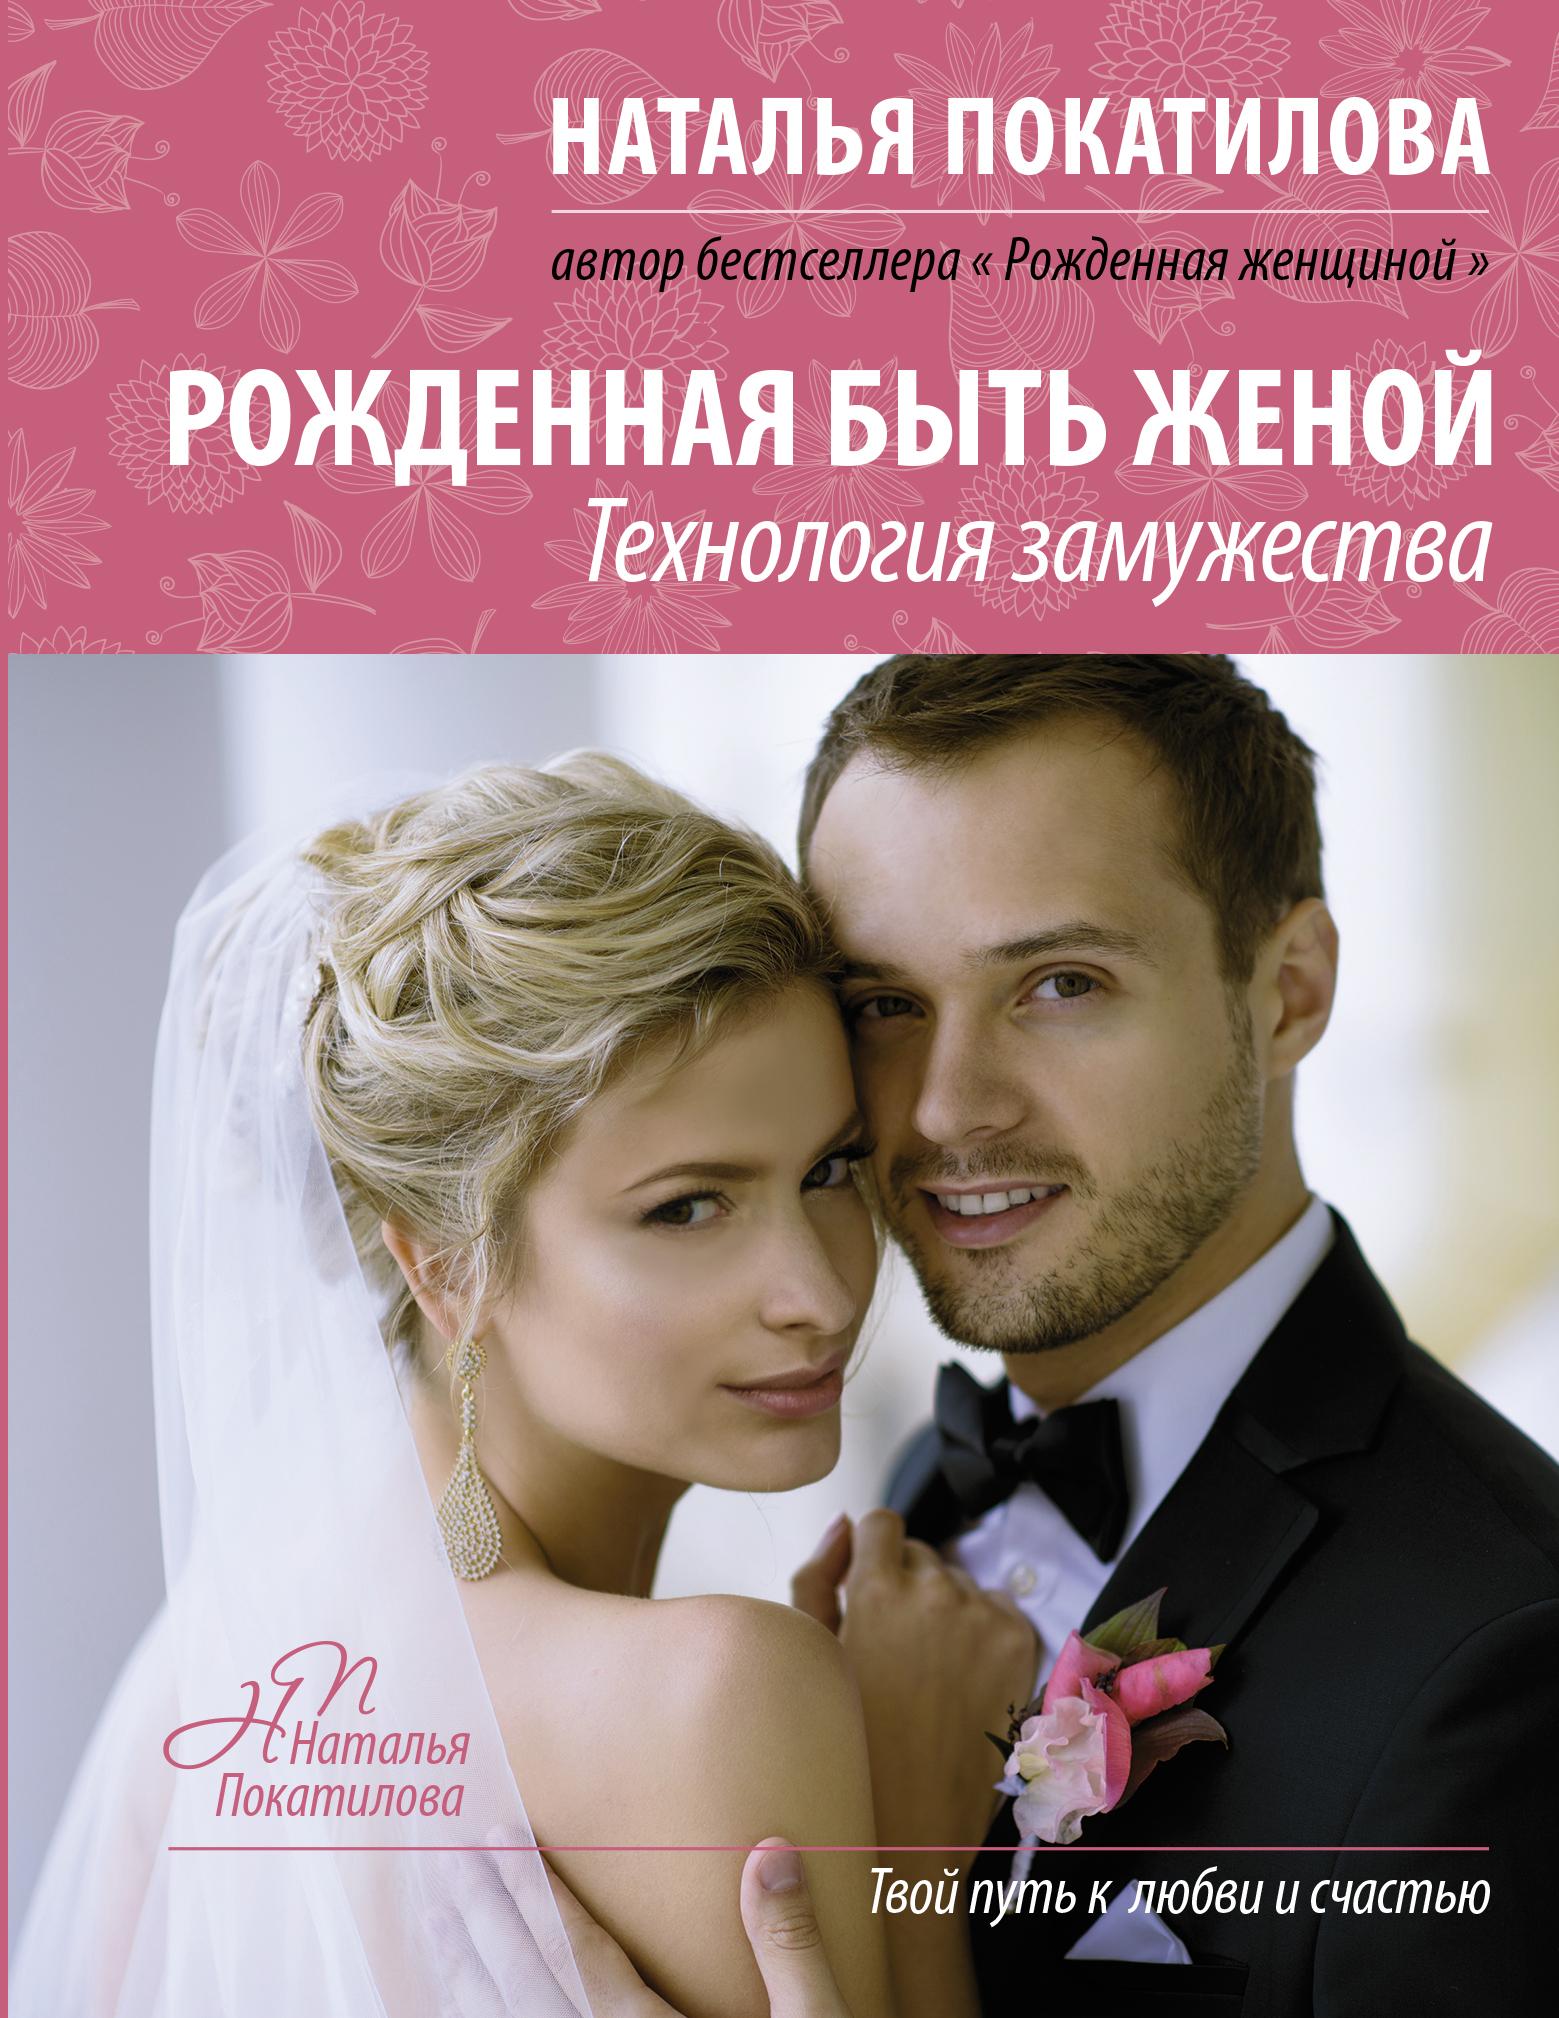 Покатилова Н.А. Рожденная быть женой